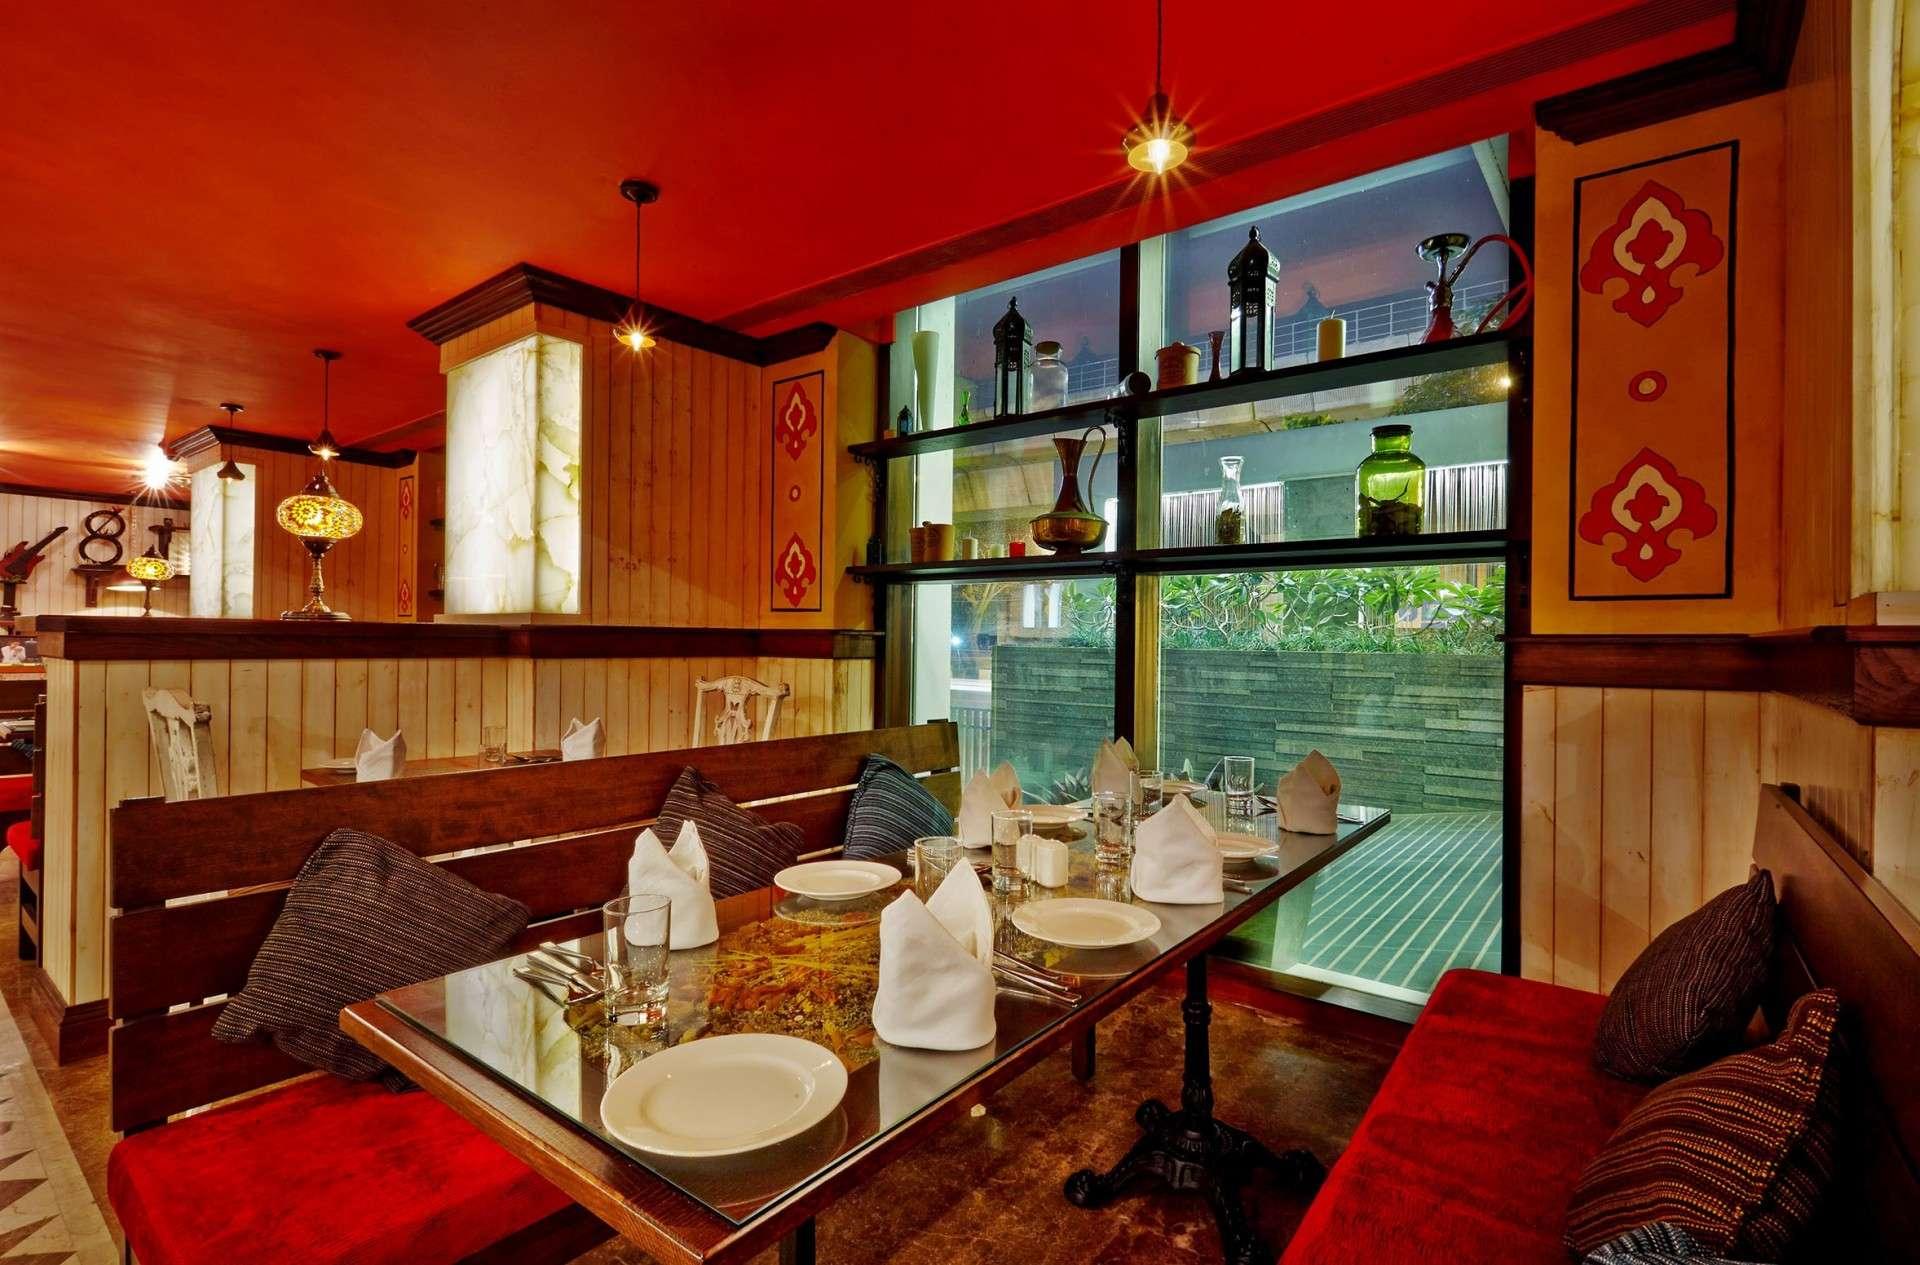 Restaurant interior architect